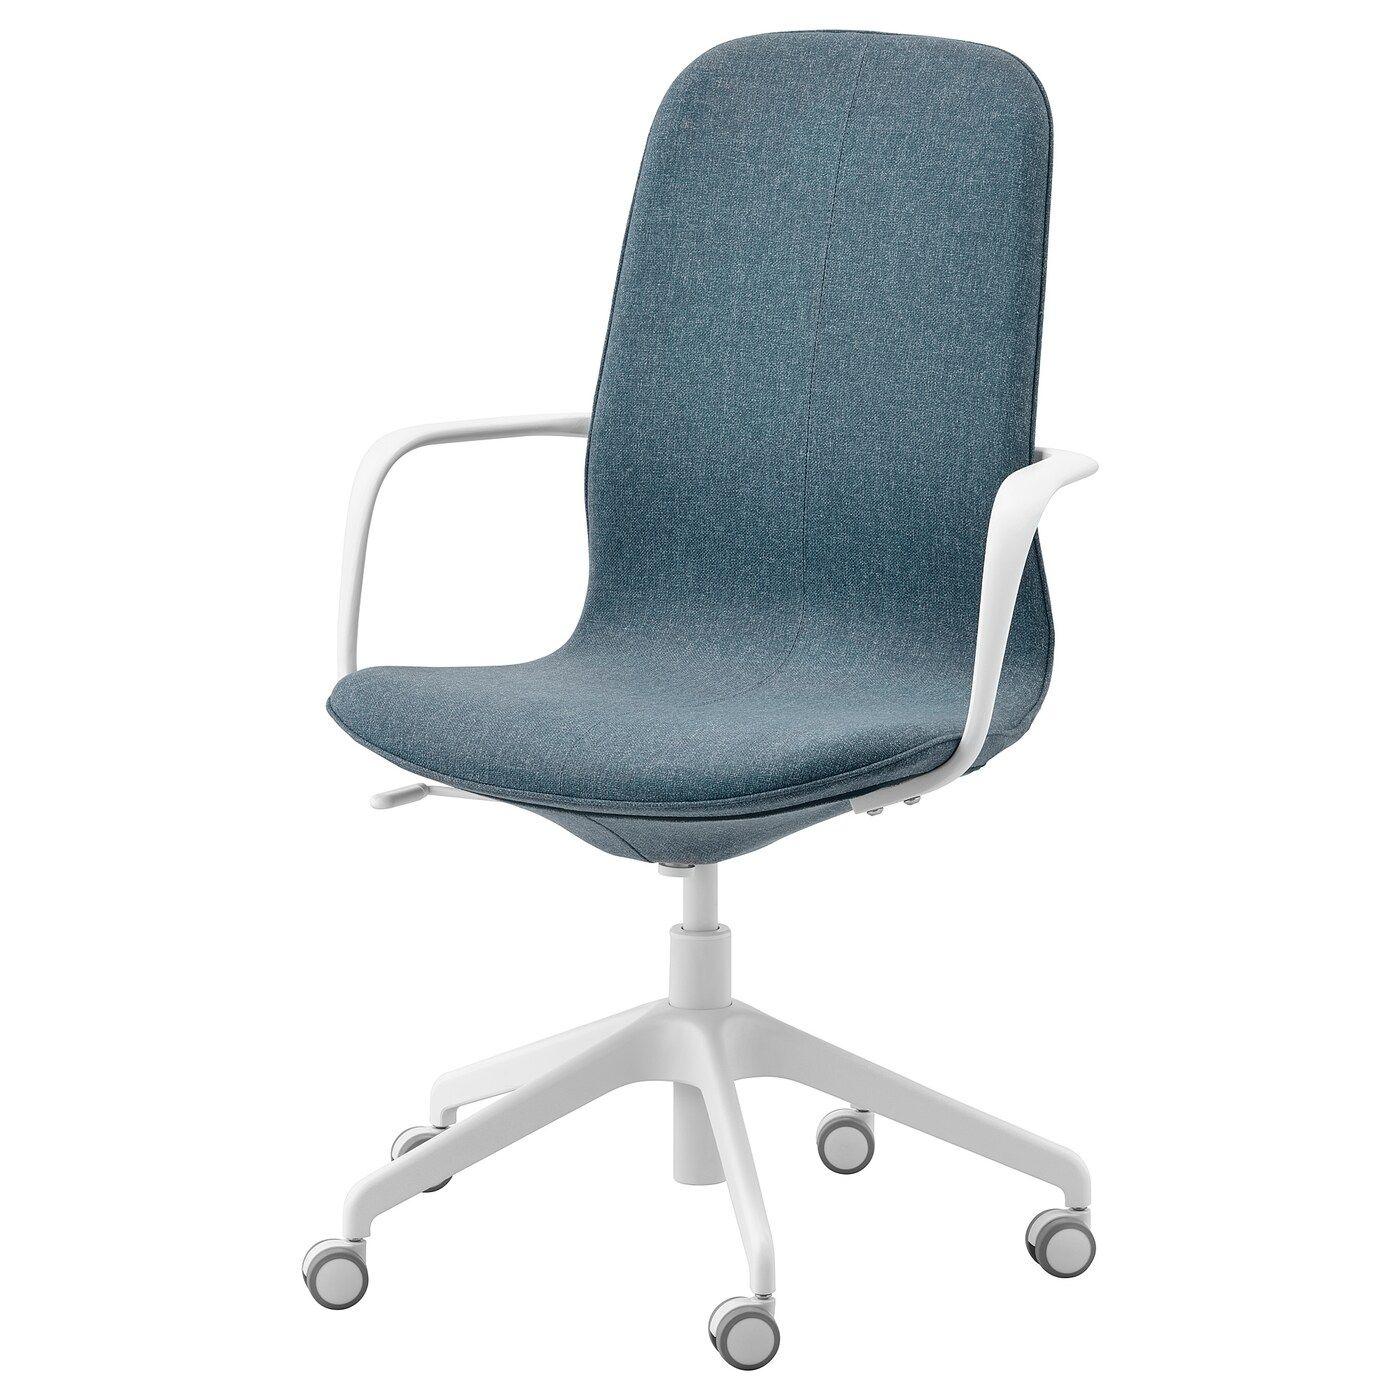 LÅNGFJÄLL Bureaustoel met armleuningen, Gunnared blauw. Bestel